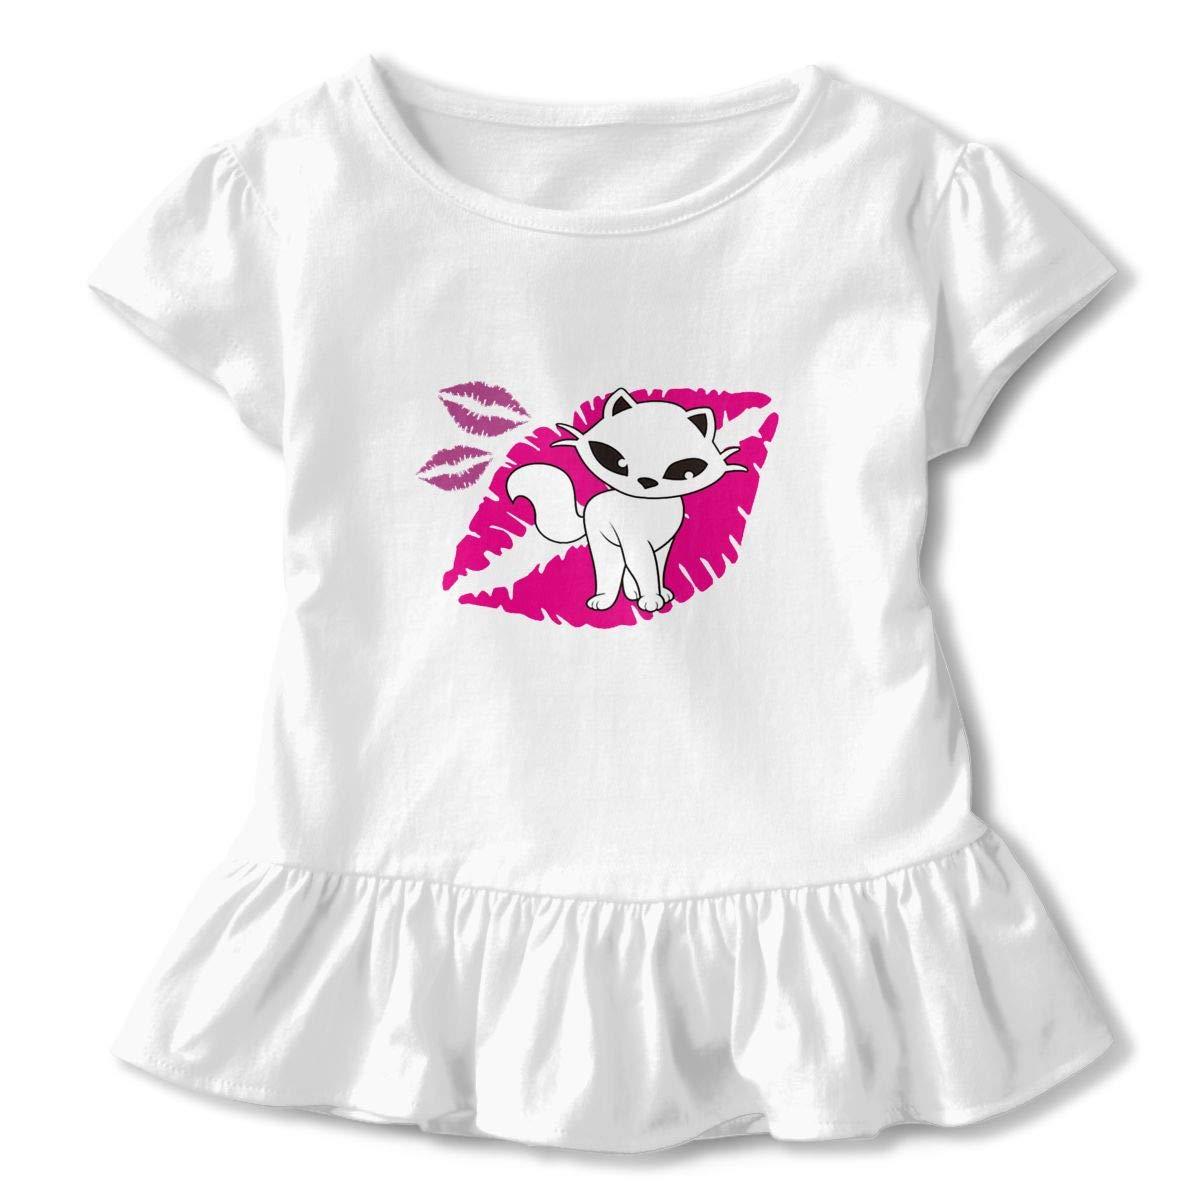 Kiss Kitty Cat Toddler Girls T Shirt Kids Cotton Short Sleeve Ruffle Tee